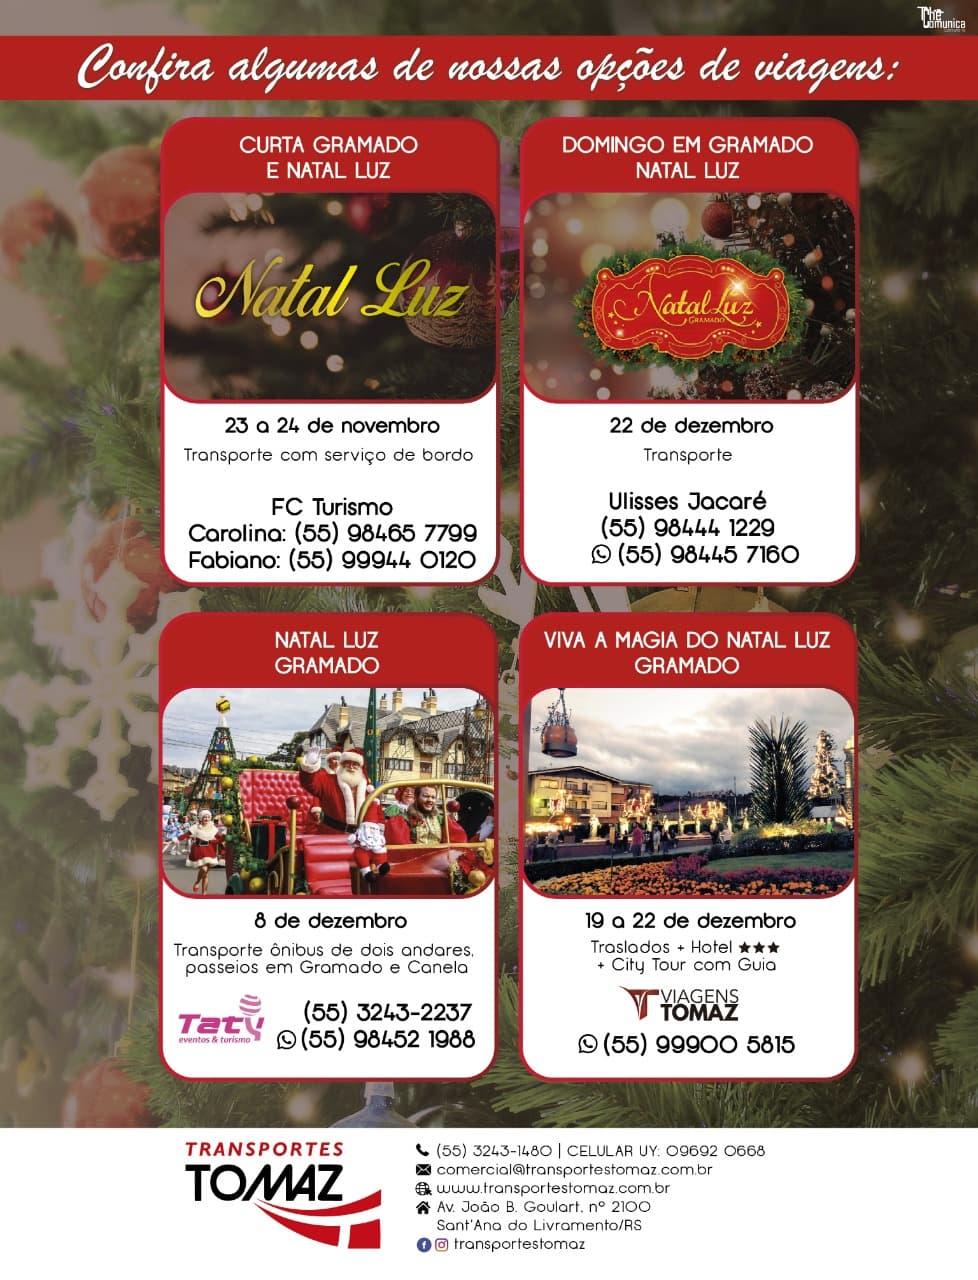 Viaje para Gramado, época do tradicional e maravilhoso Natal Luz!